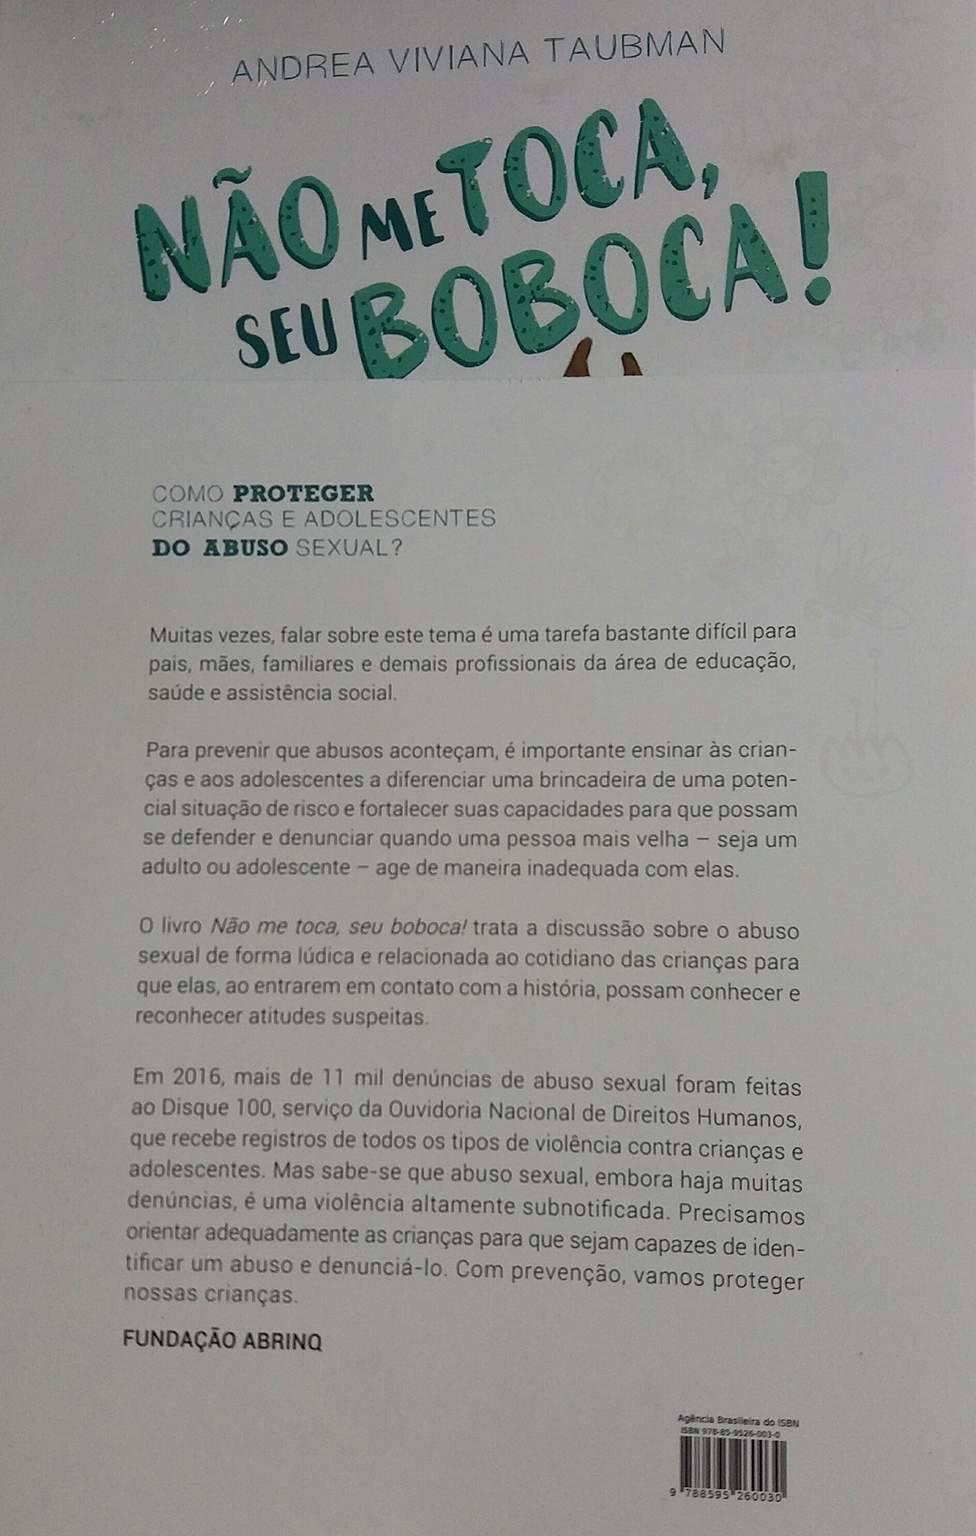 4ª_capa_Boboca